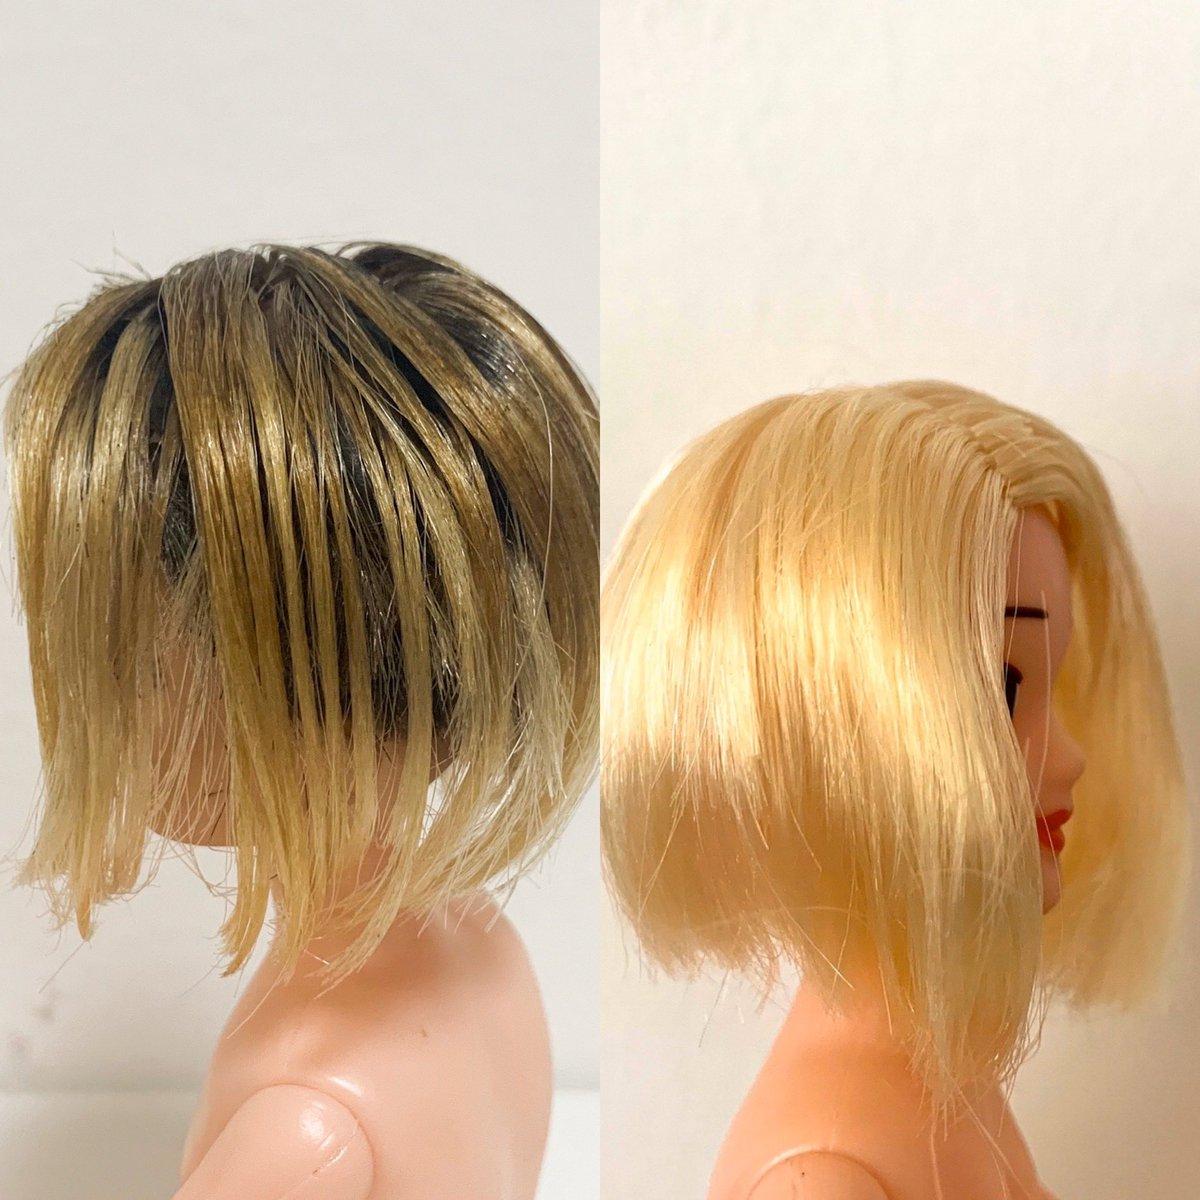 test ツイッターメディア - 頭髪の着色に成功。自分の頭髪を再現しています。右が着色前。 #100均一のドールを自分に寄せる #ダイソー https://t.co/cbhSW8nhqz